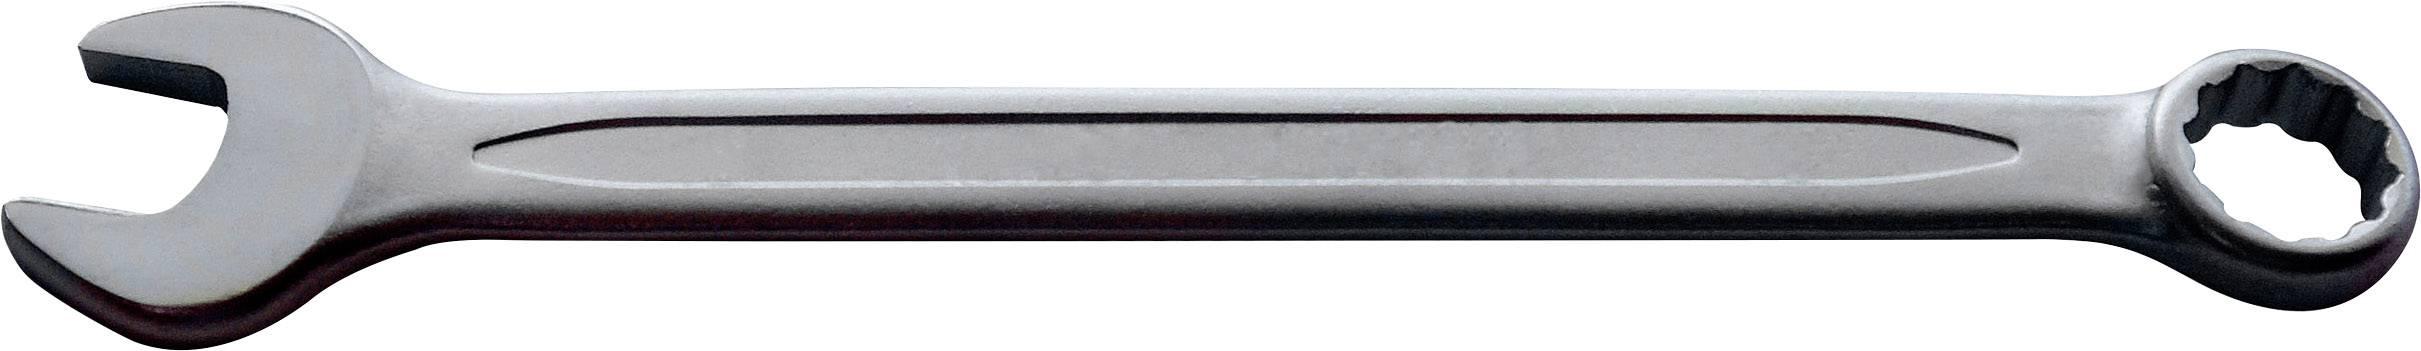 Očkoplochý kľúč TOOLCRAFT 820837, N/A, 14 mm